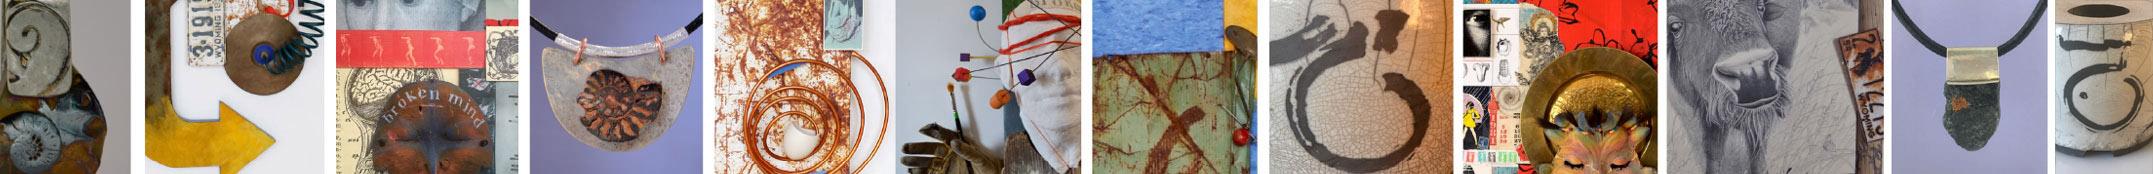 mixed media thumbnails of Terry Kreuzer artwork